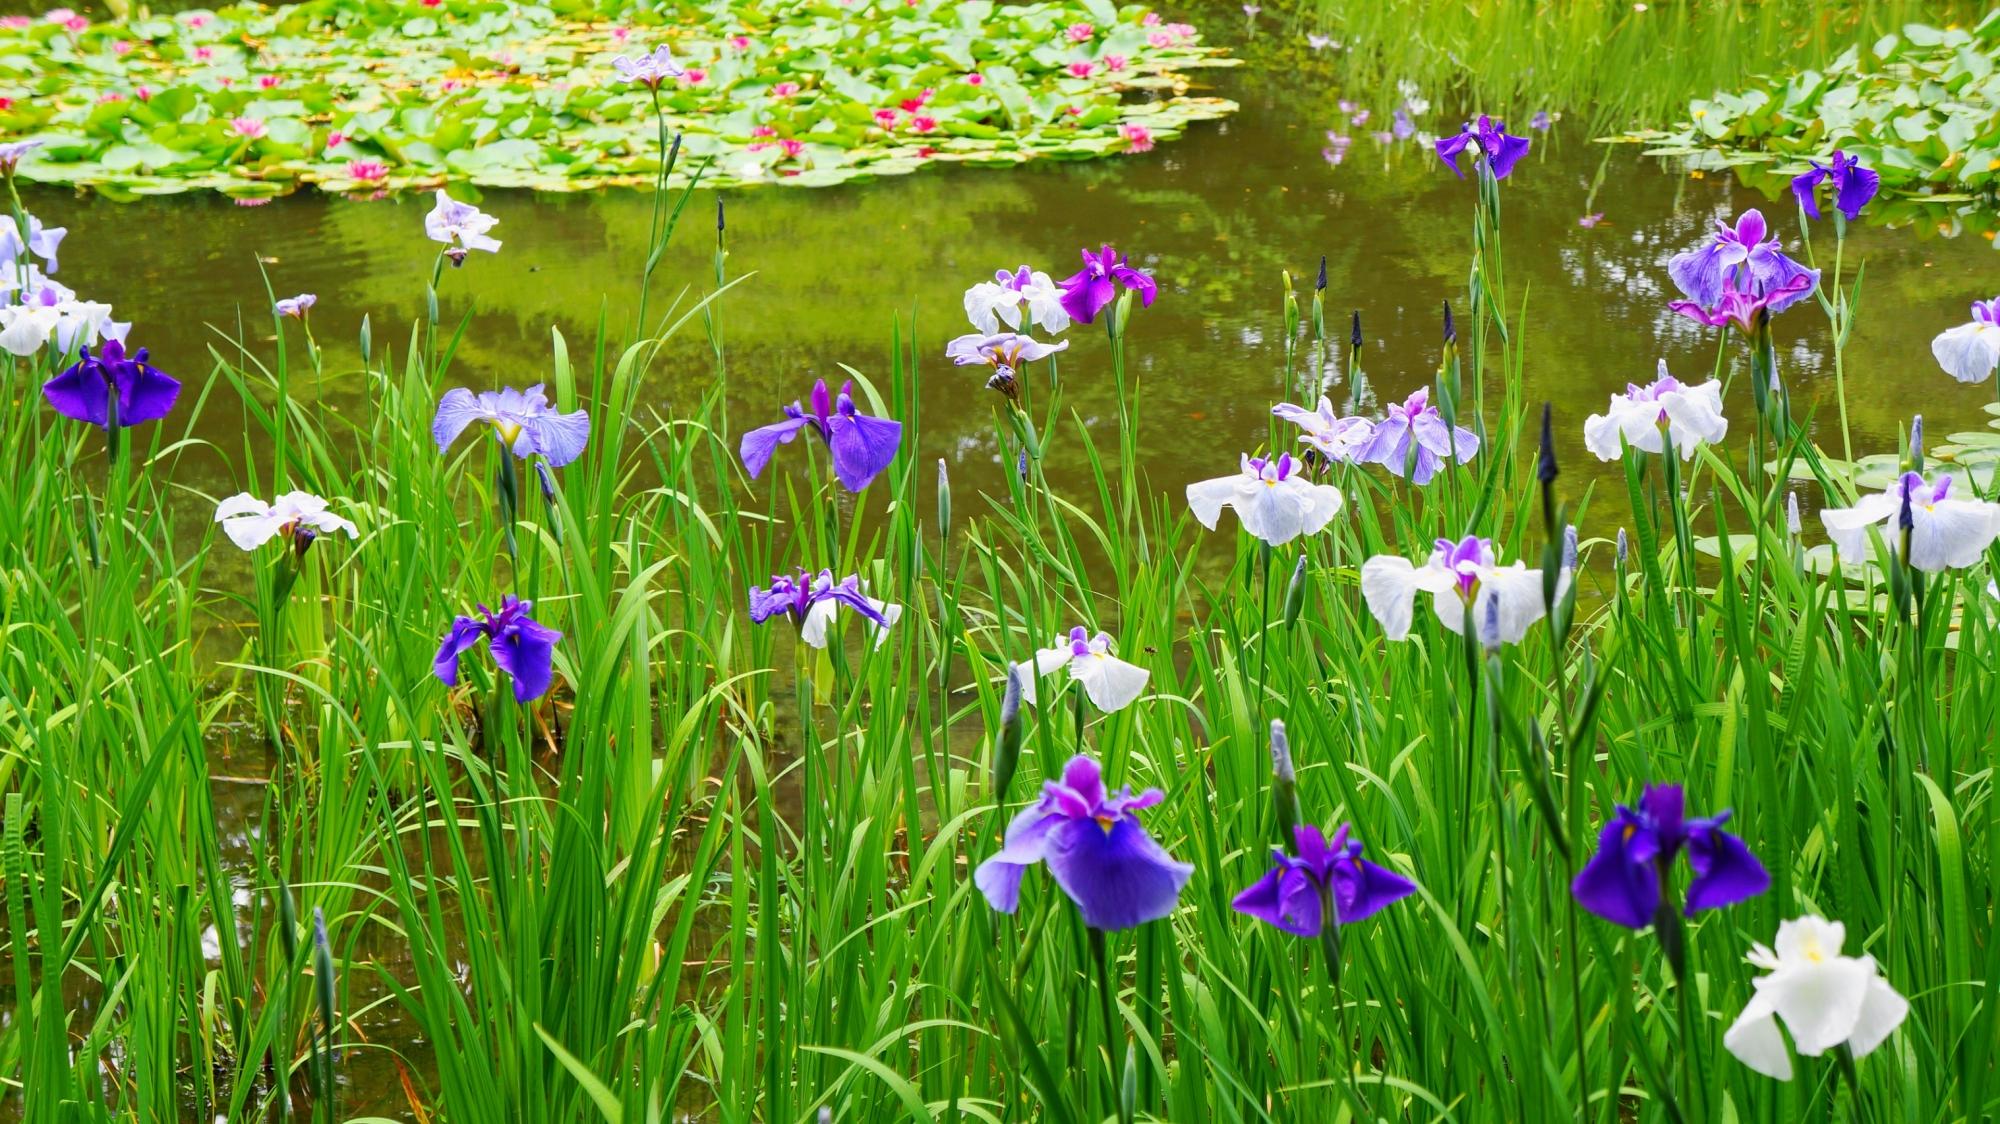 満開の綺麗な花菖蒲につつまれた平安神宮神苑